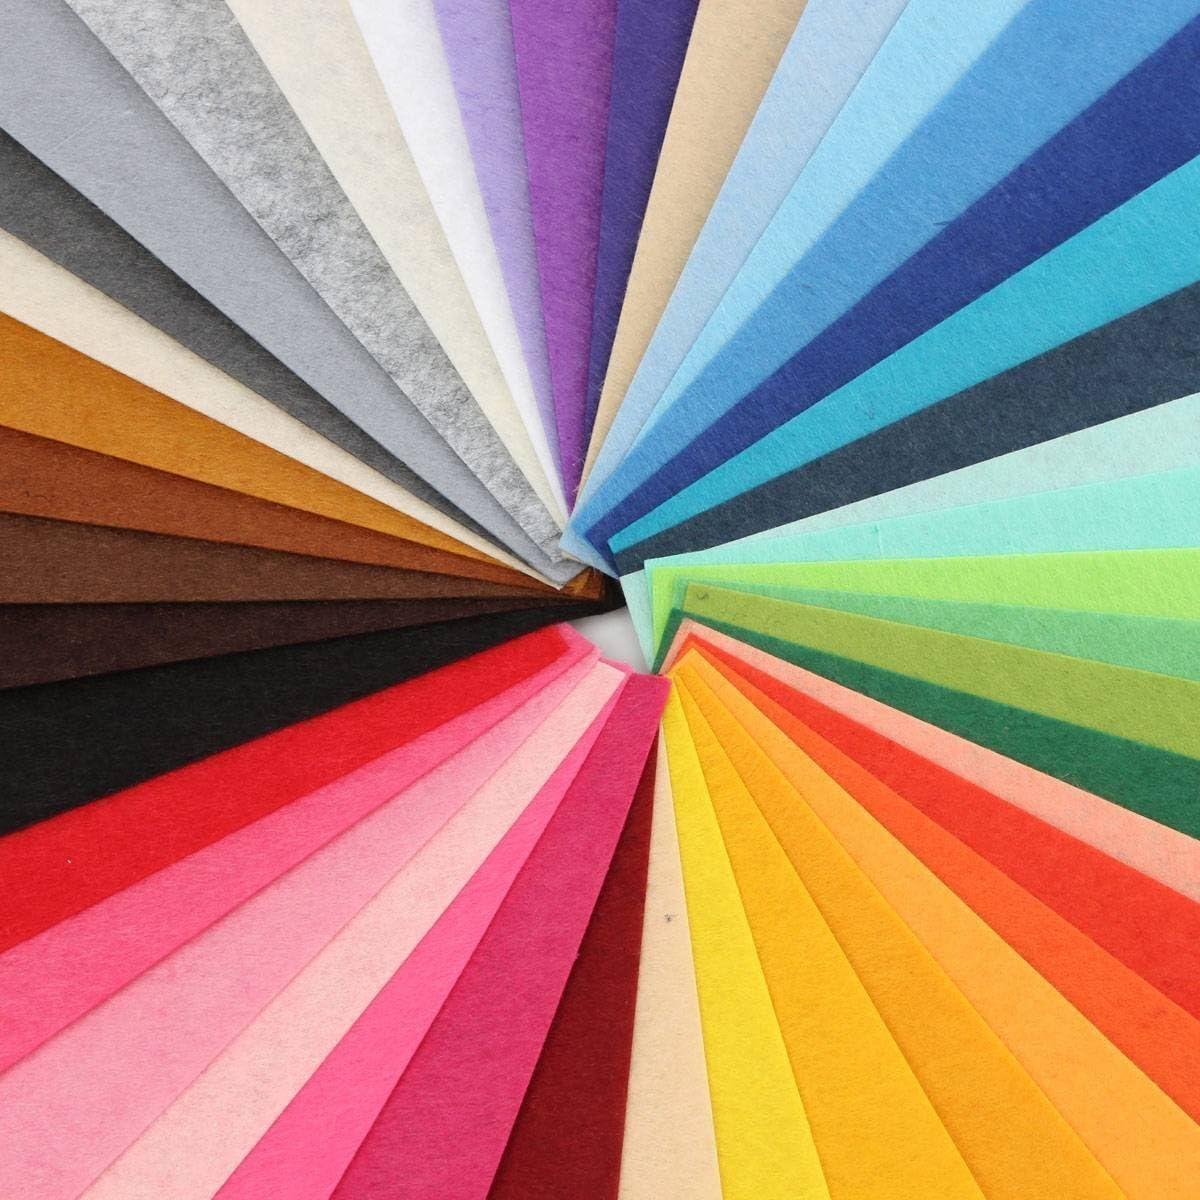 20cmx20cm Gnognauq 88 Hojas Tela de Fieltro No Tejido Acr/ílico Bonita con Caja de Papel Kraft para Manualidades Patchwork DIY Tela de Costura Bricolaje 44 Colores Proyecto Decorativo